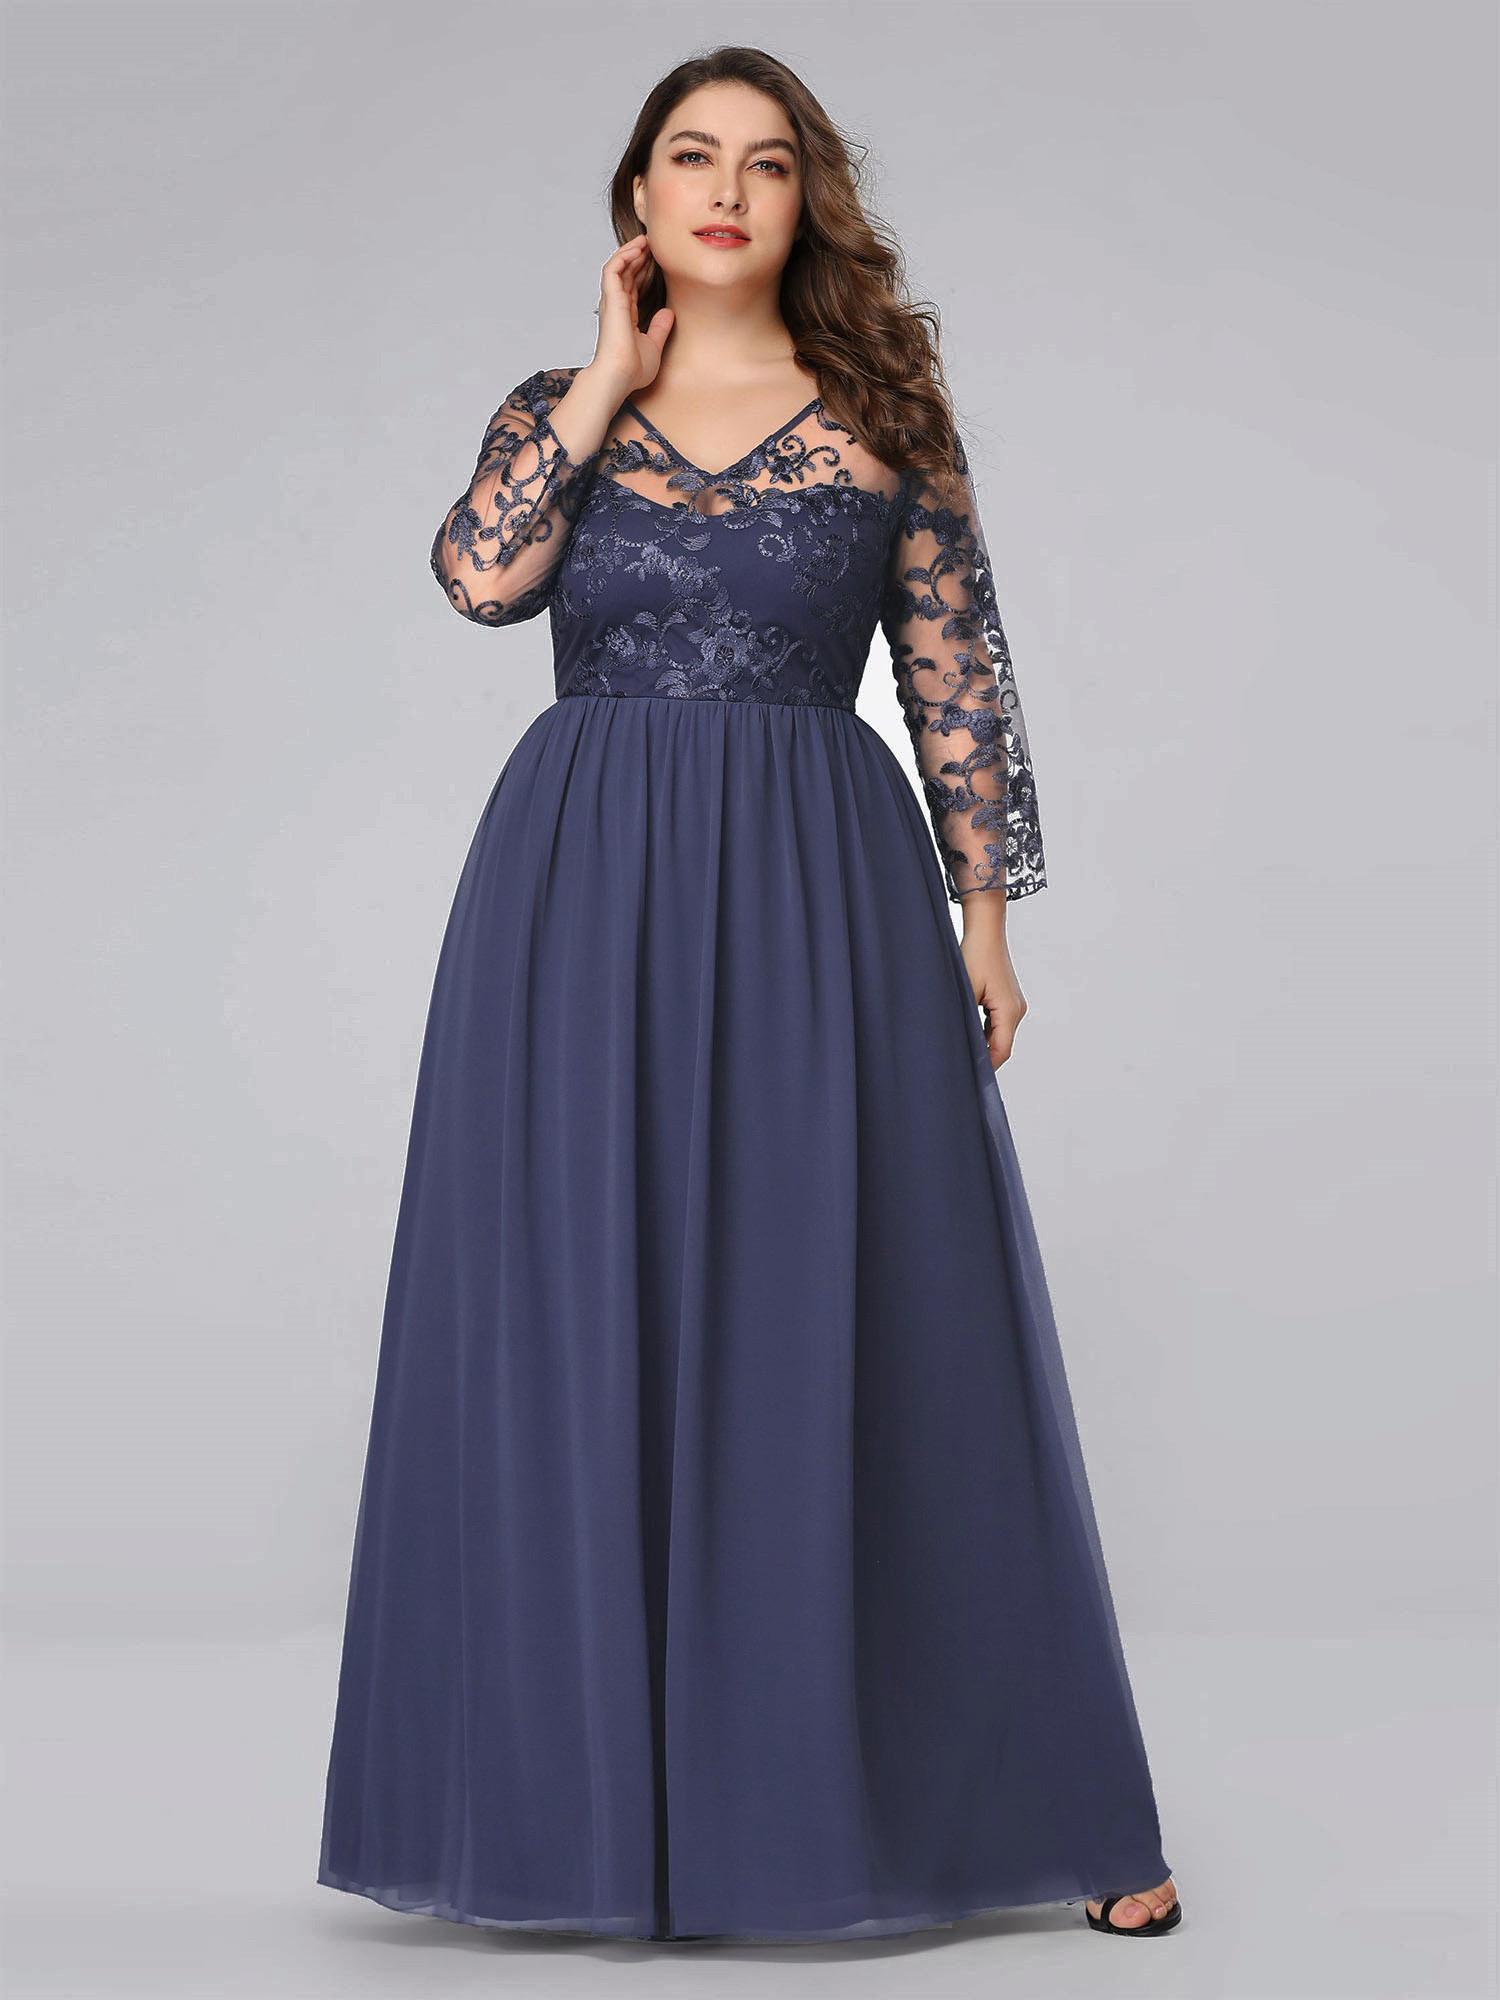 Abendkleid Ballkleider Große Größen V Ausschnitt Langarm Grau Blau Chiffon  Spitze Mit Ärmel